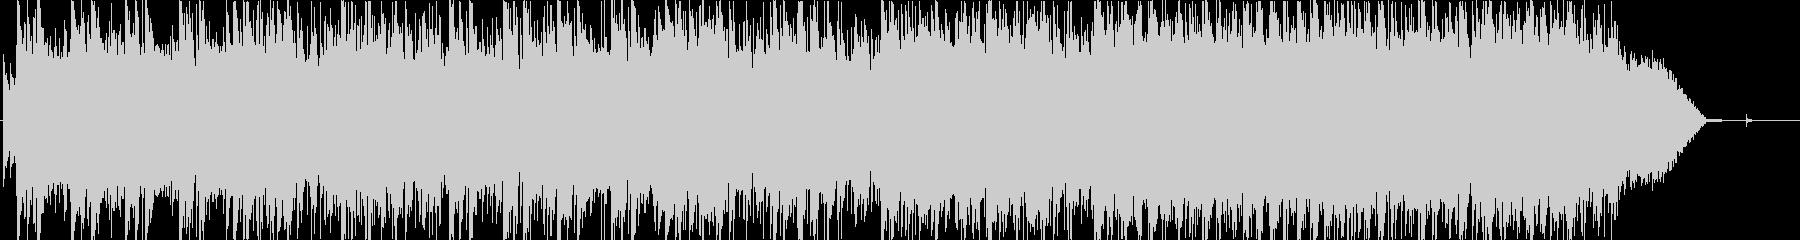 ポールモーリア風オリジナルボサノバ曲の未再生の波形